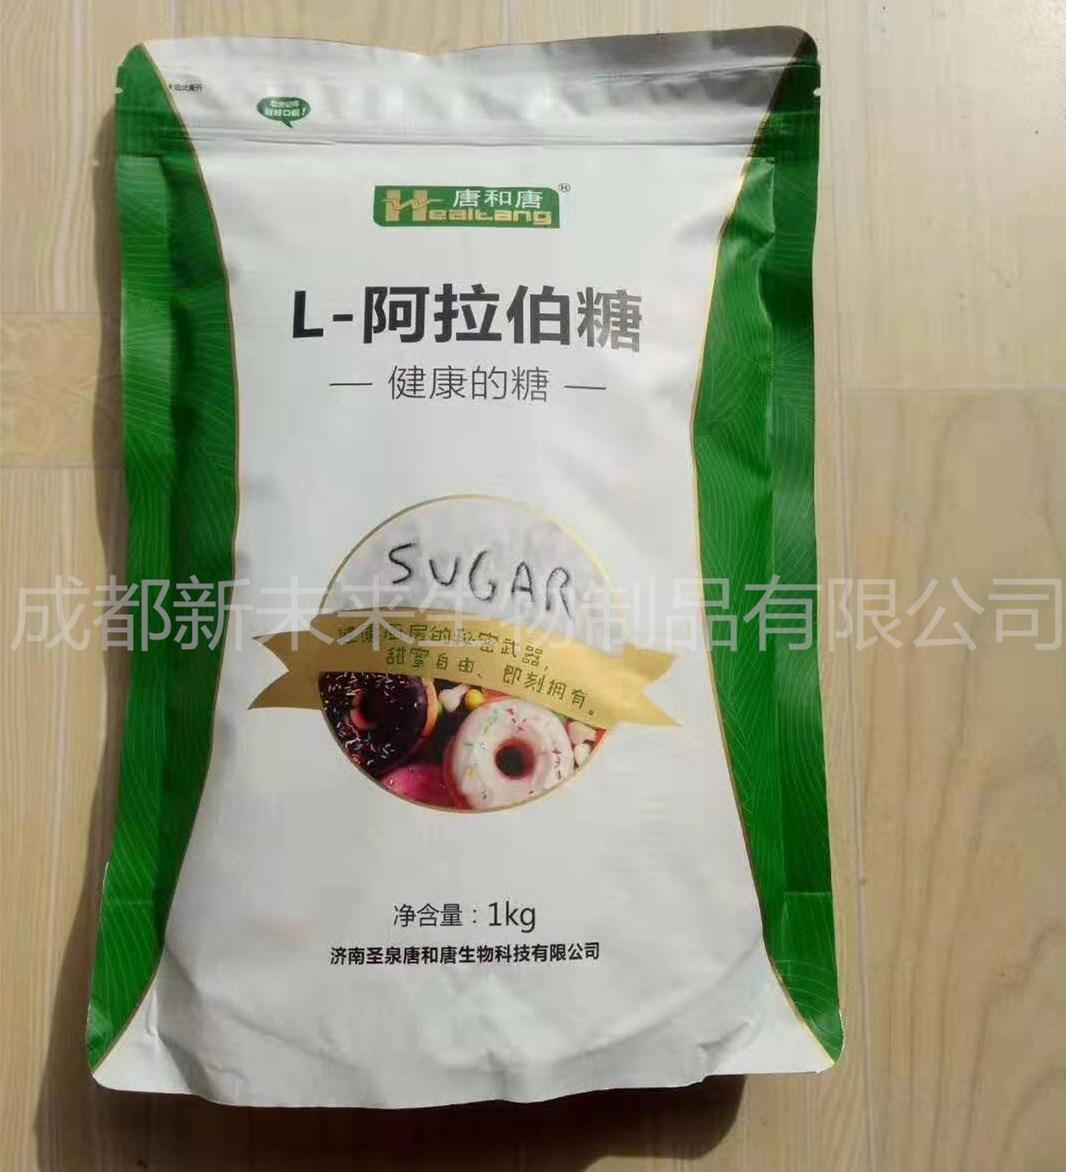 出产厂家 阿拉伯糖厂家直销 树胶醛糖价钱 格 高含量供给商